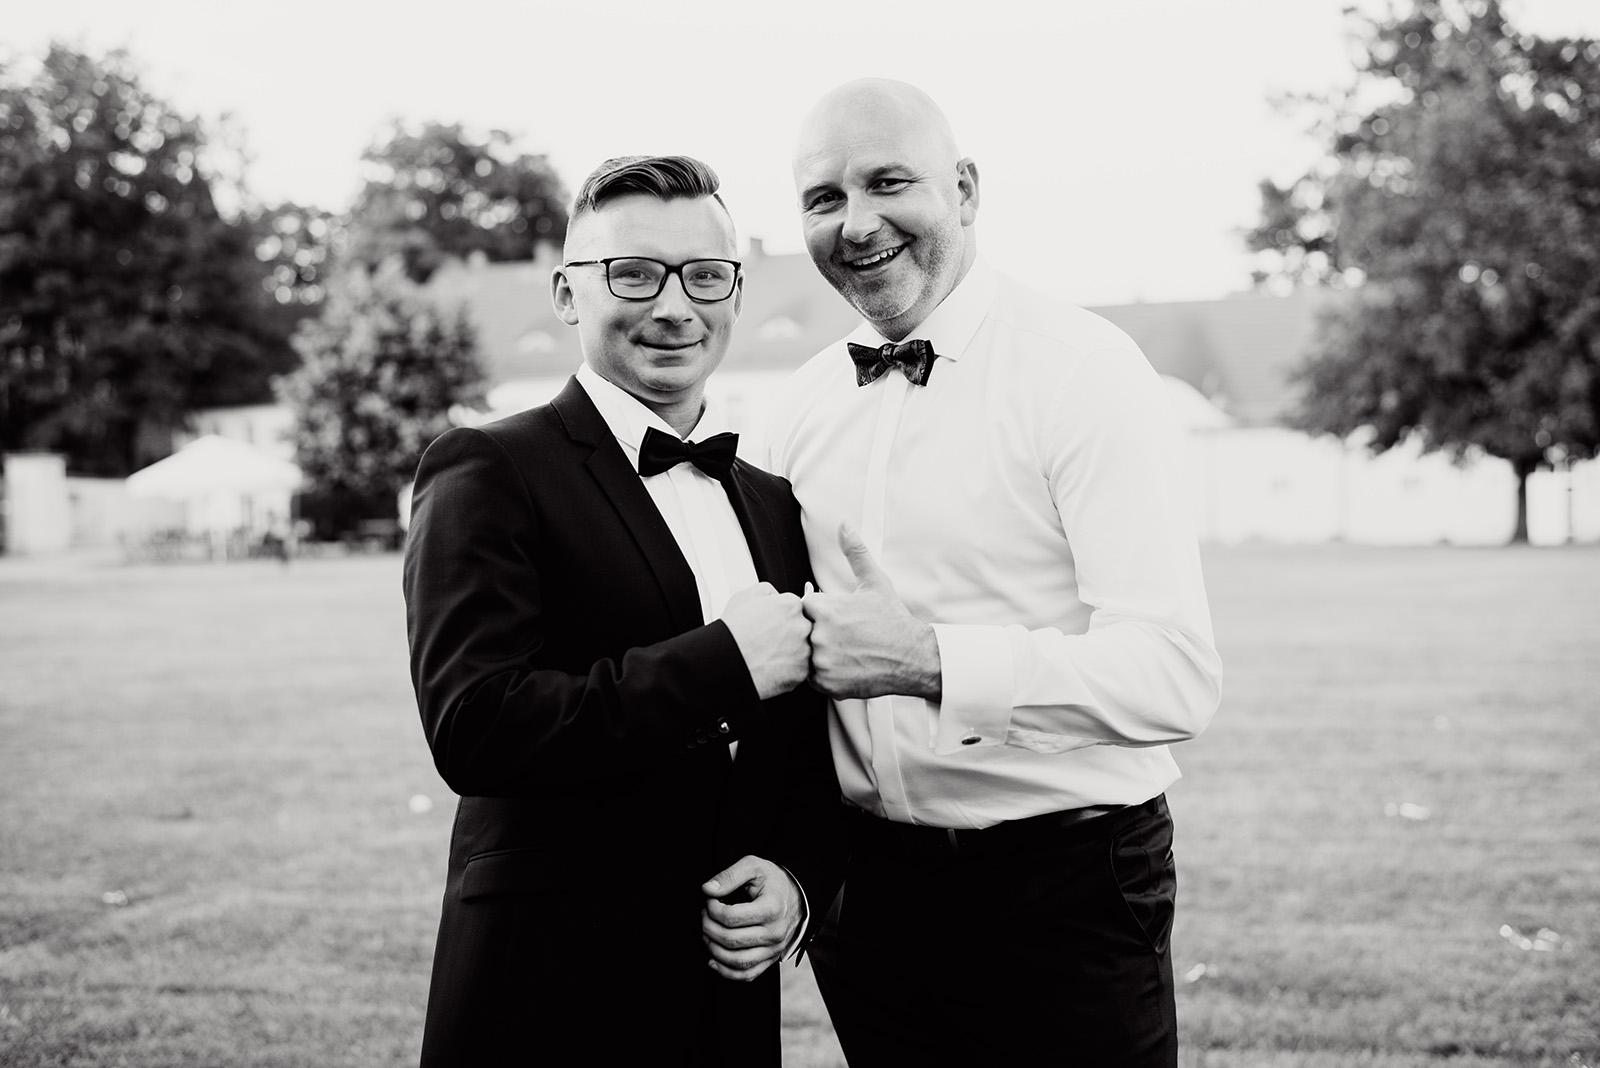 naturalny fotoreportaz slubny - wesele w palacu krzyzowa - zdjecie z kolega